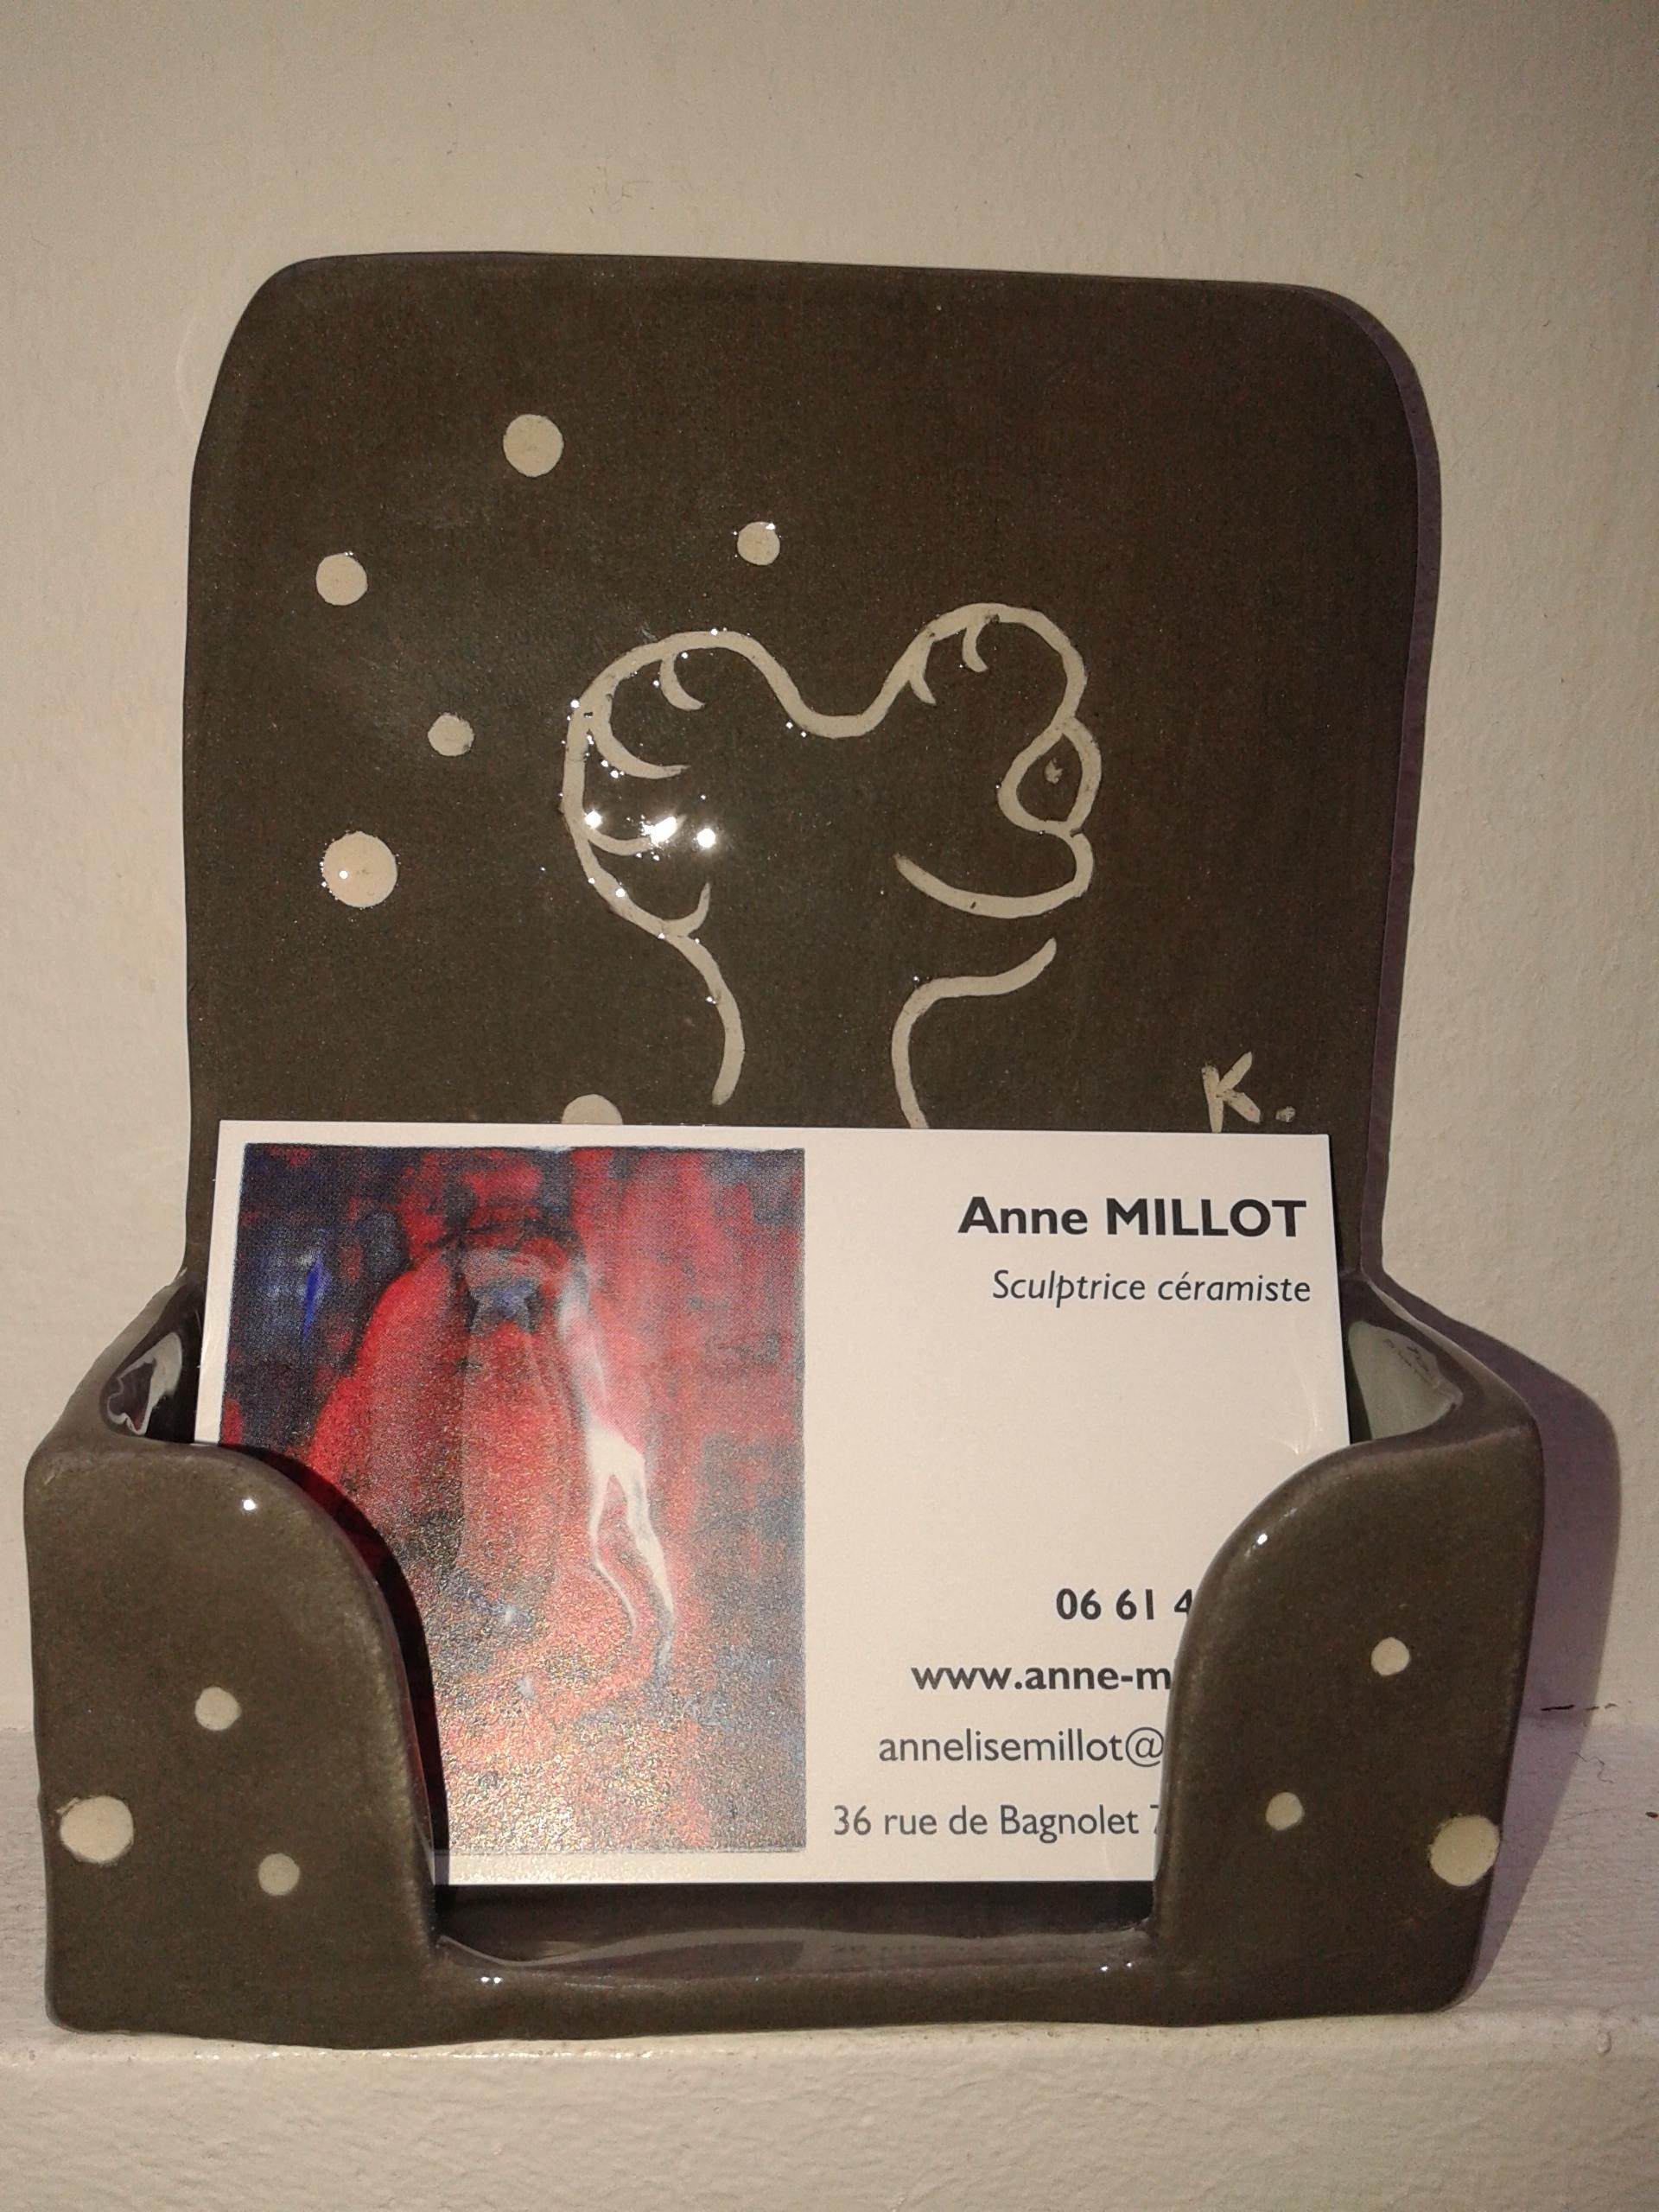 Objets En Ceramique Personnalises Anne Millot Artiste Sculptrice